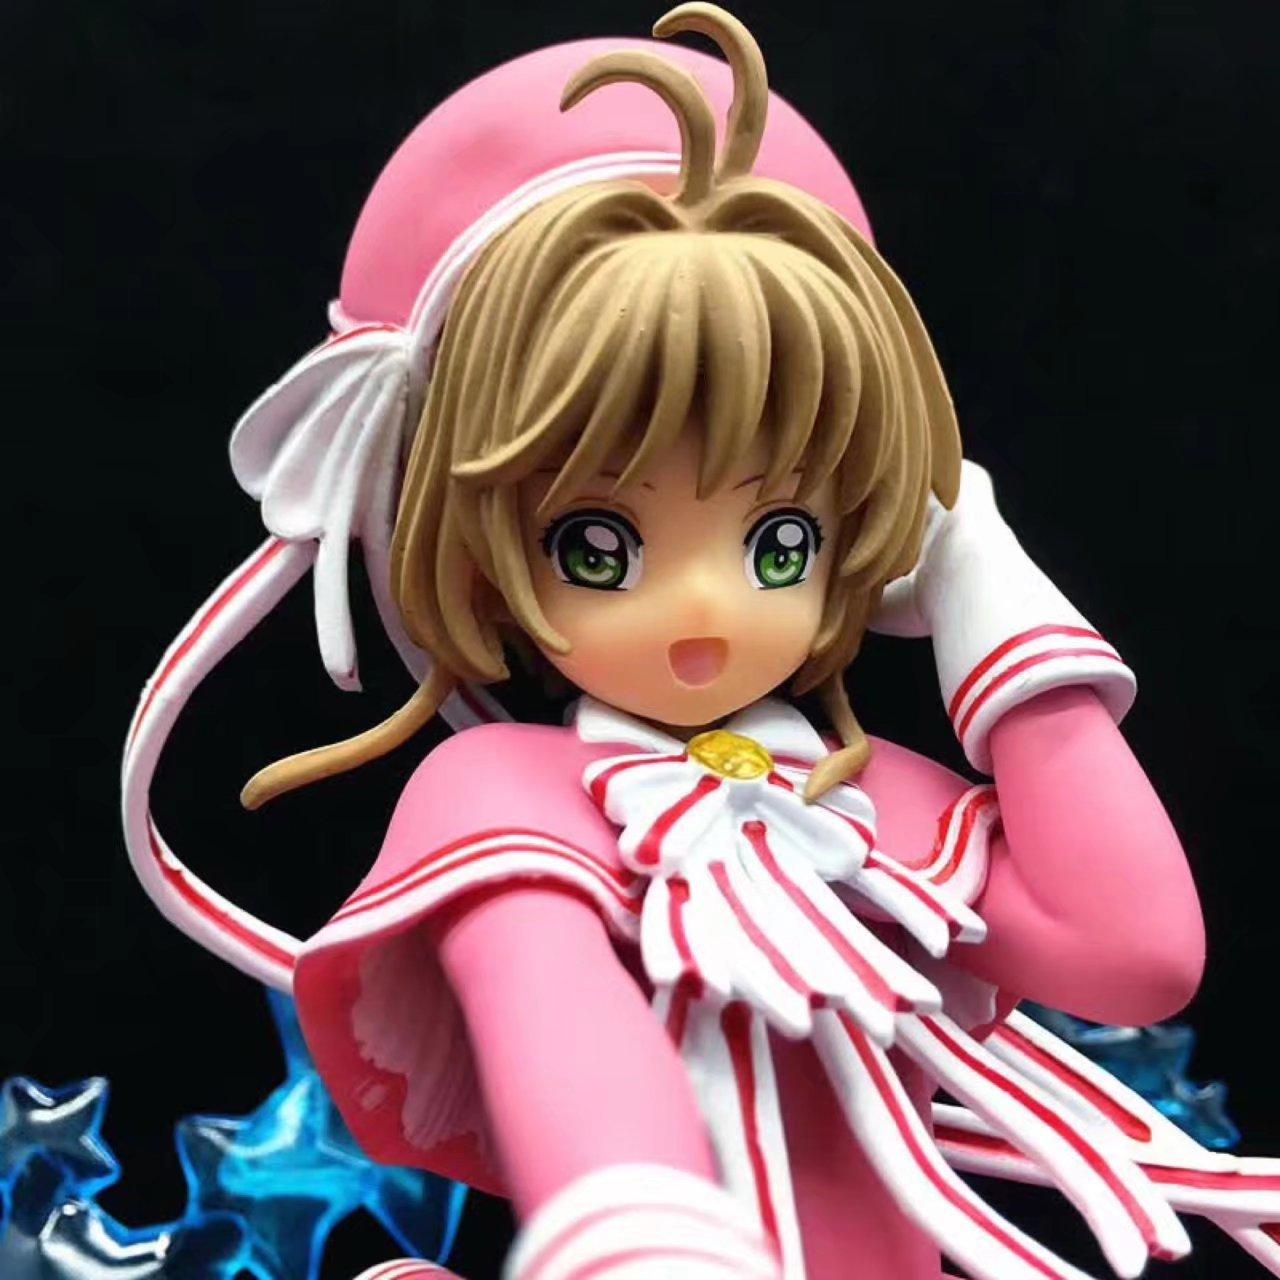 19cm Card Captor Sakura Action Figures Pink Dress Toys